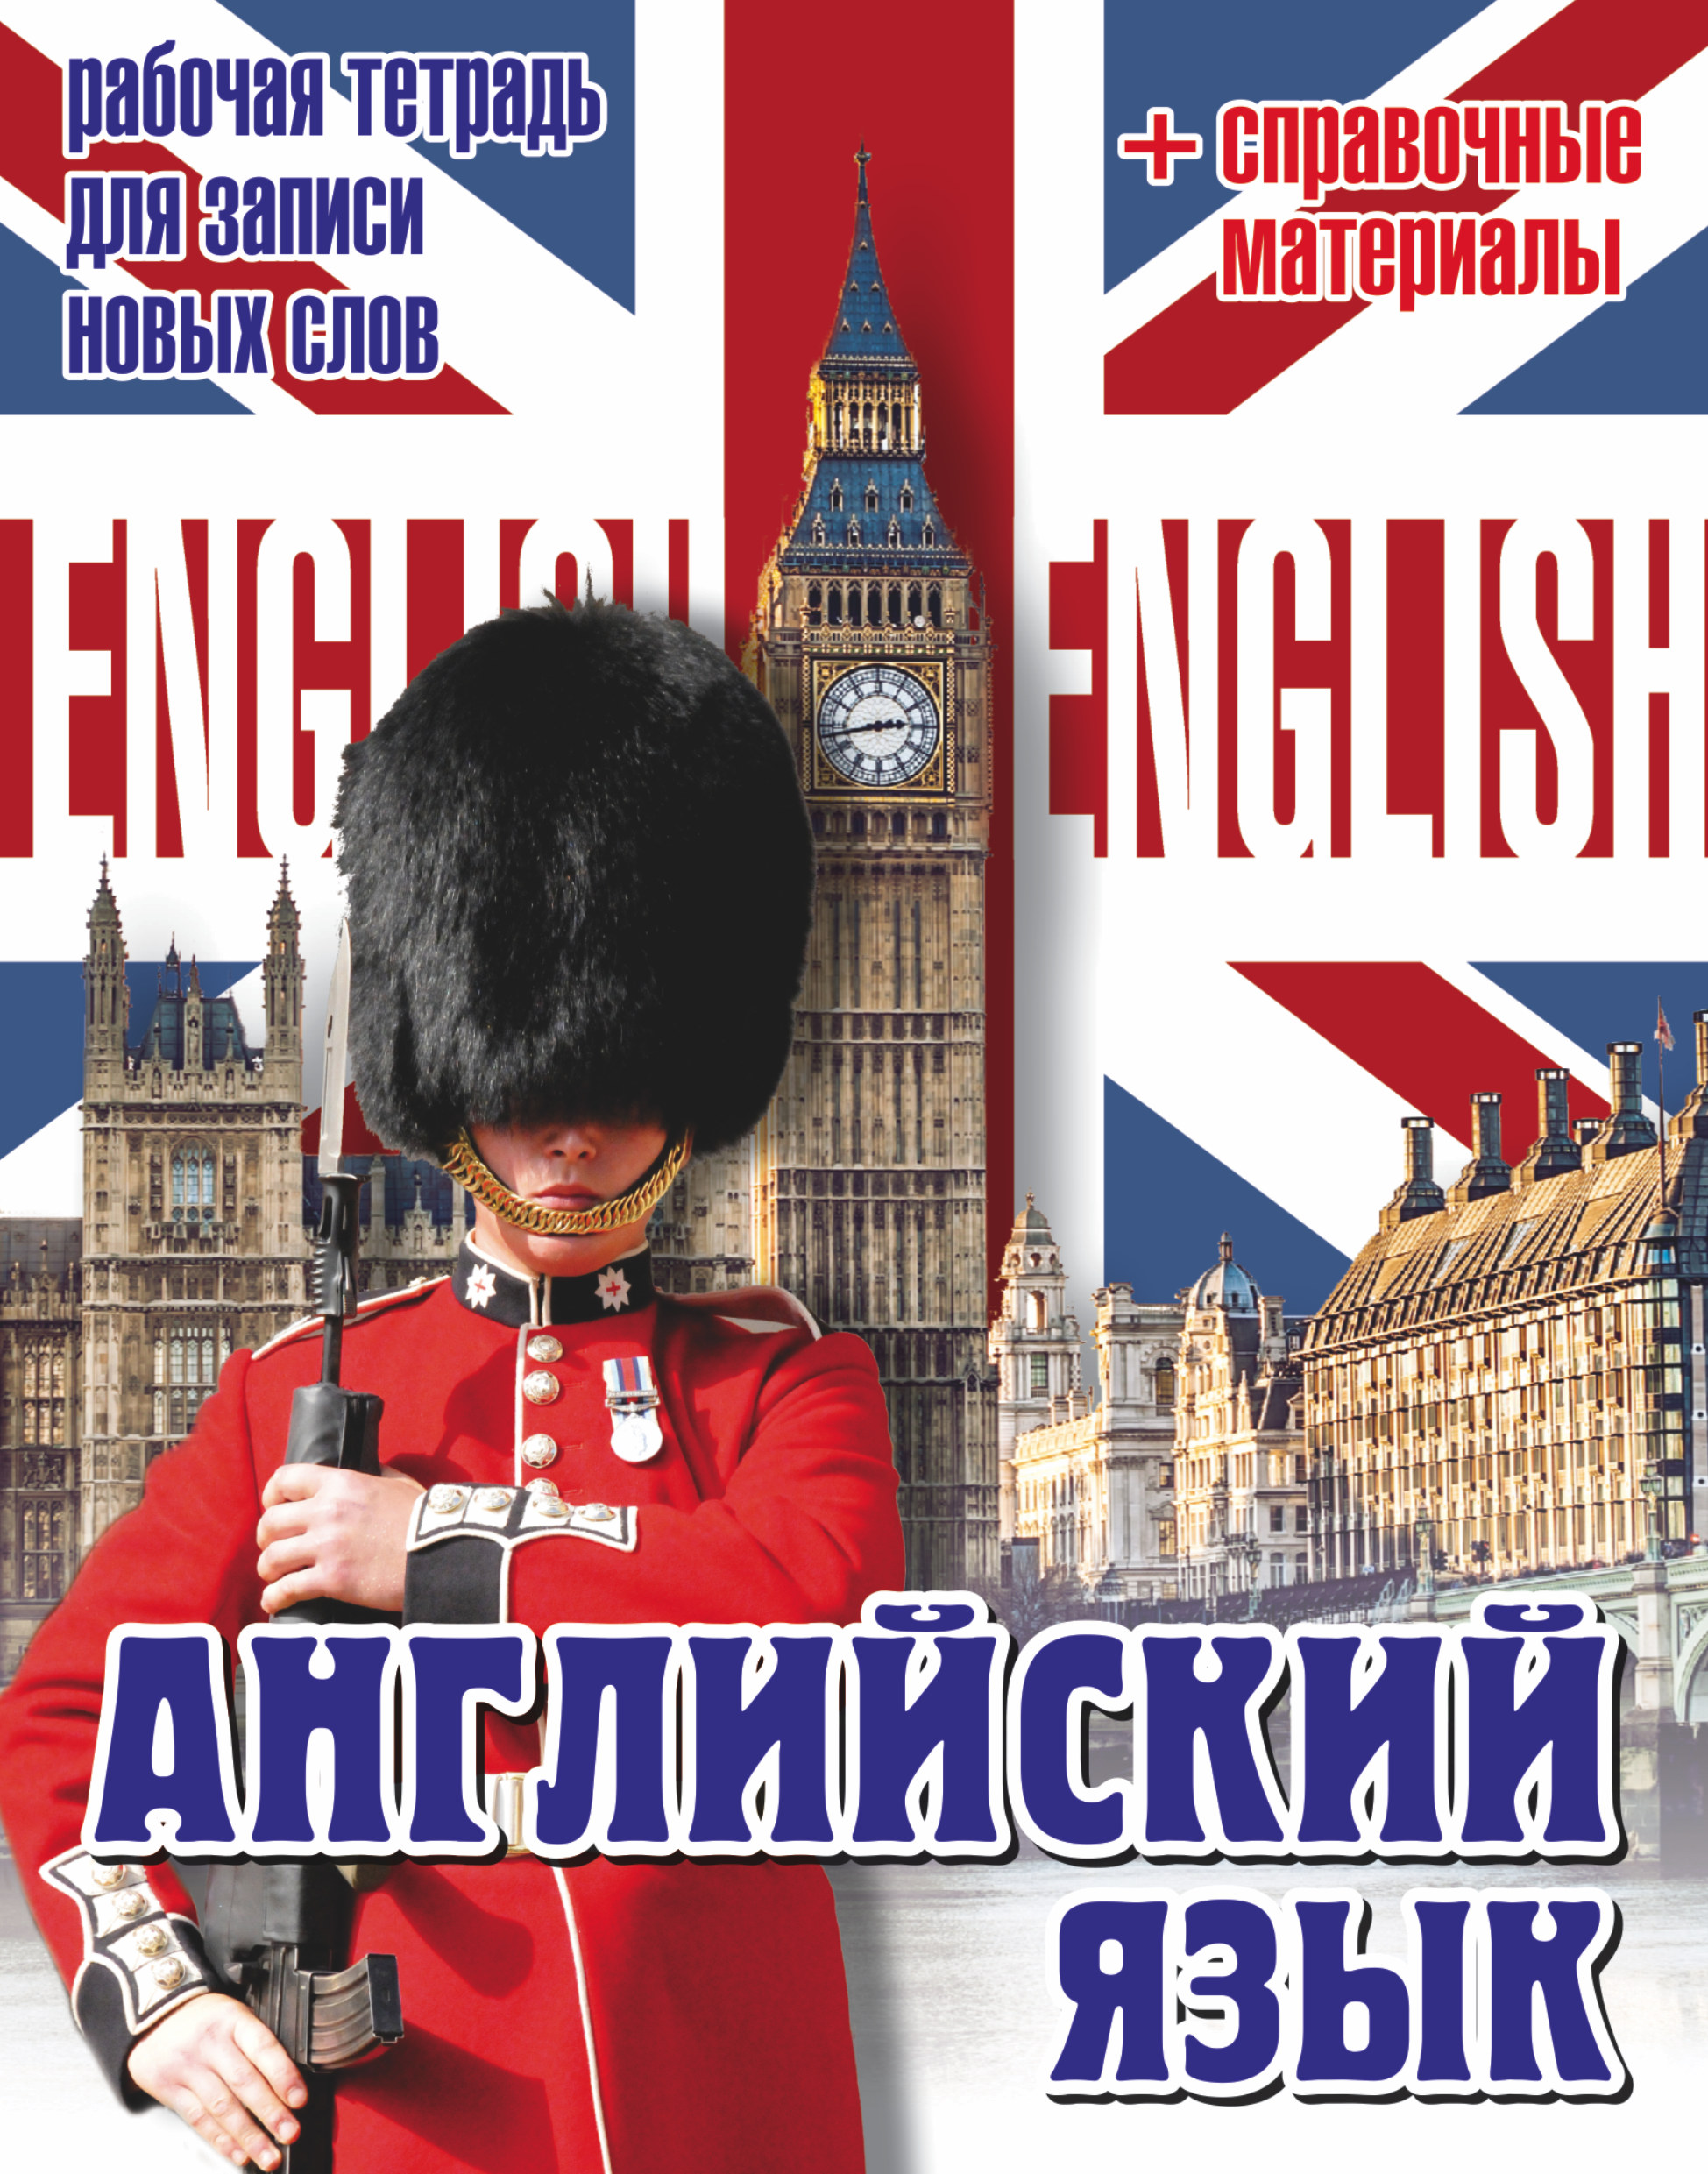 Английский язык. Рабочая тетрадь для записи новых слов+справочные материалы (Биг Бен и караульный)